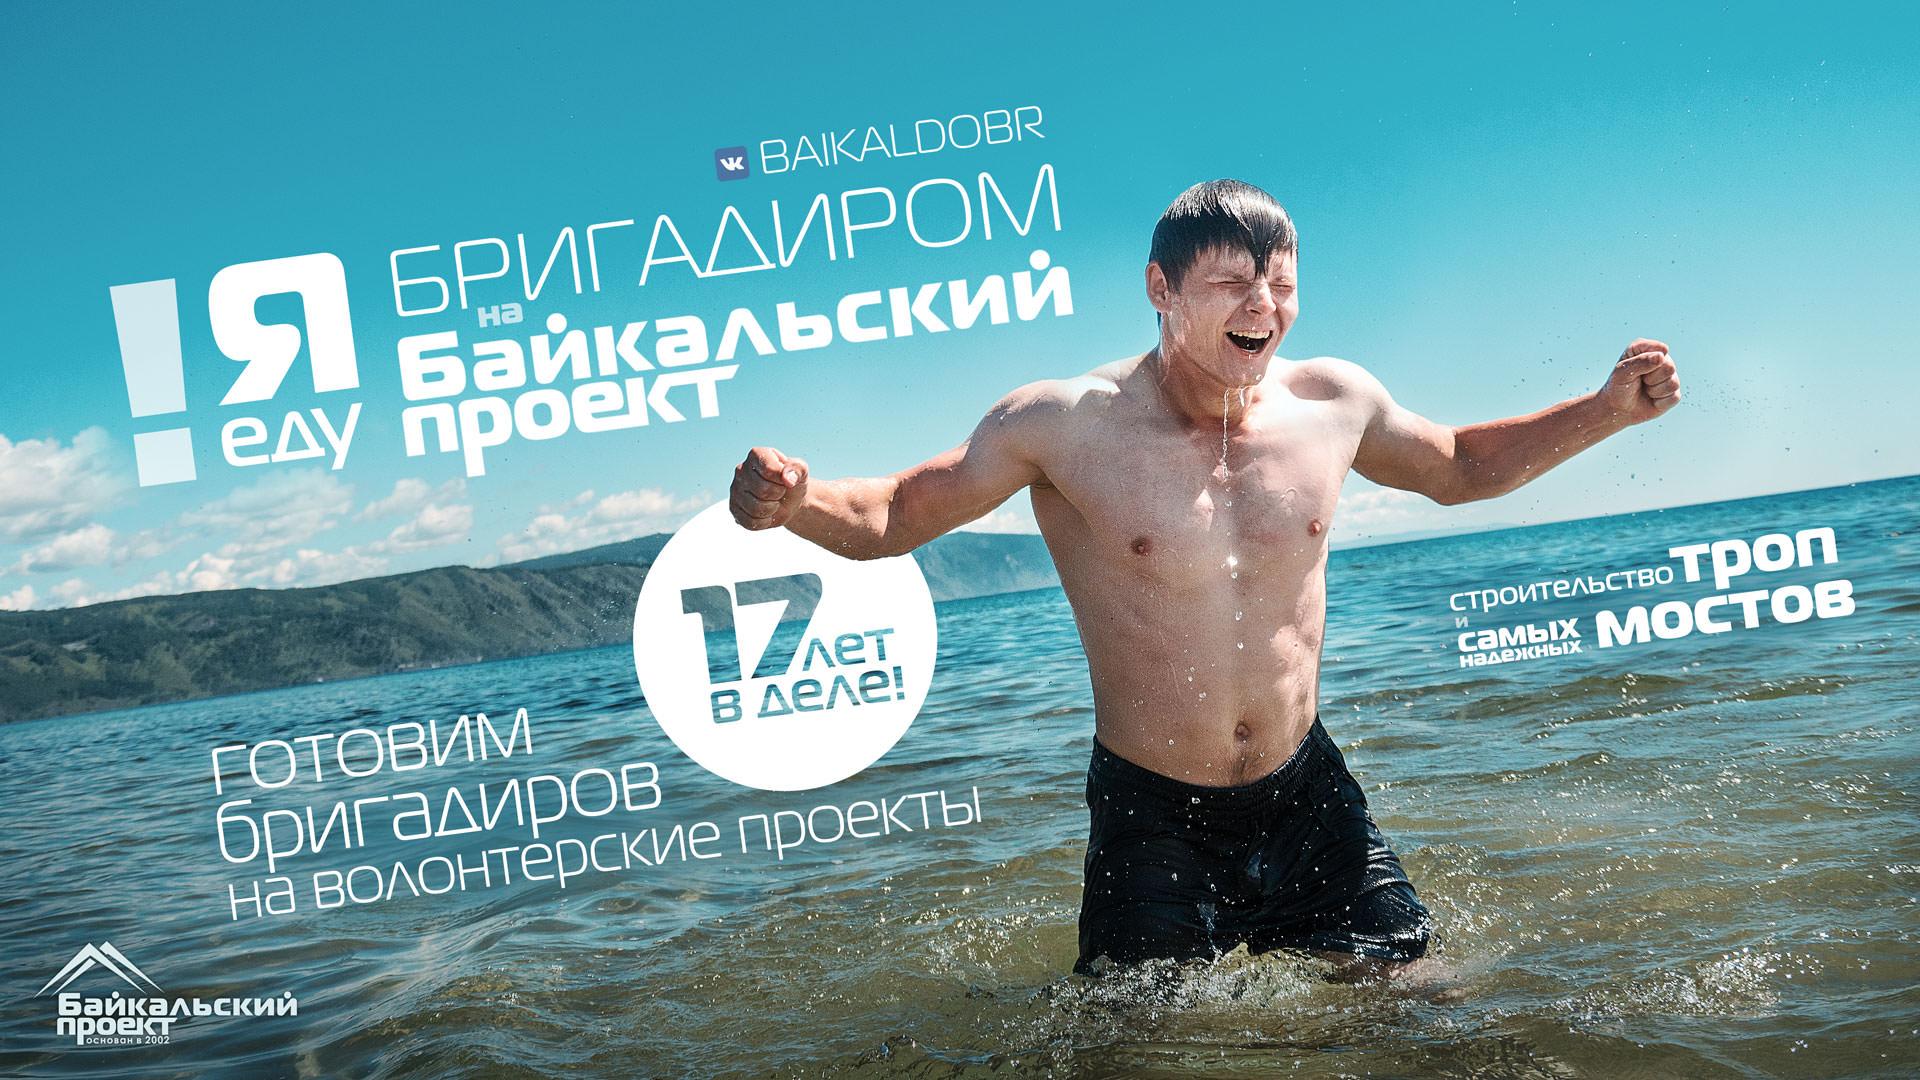 Стань бригадиром на Байкальском проекте!